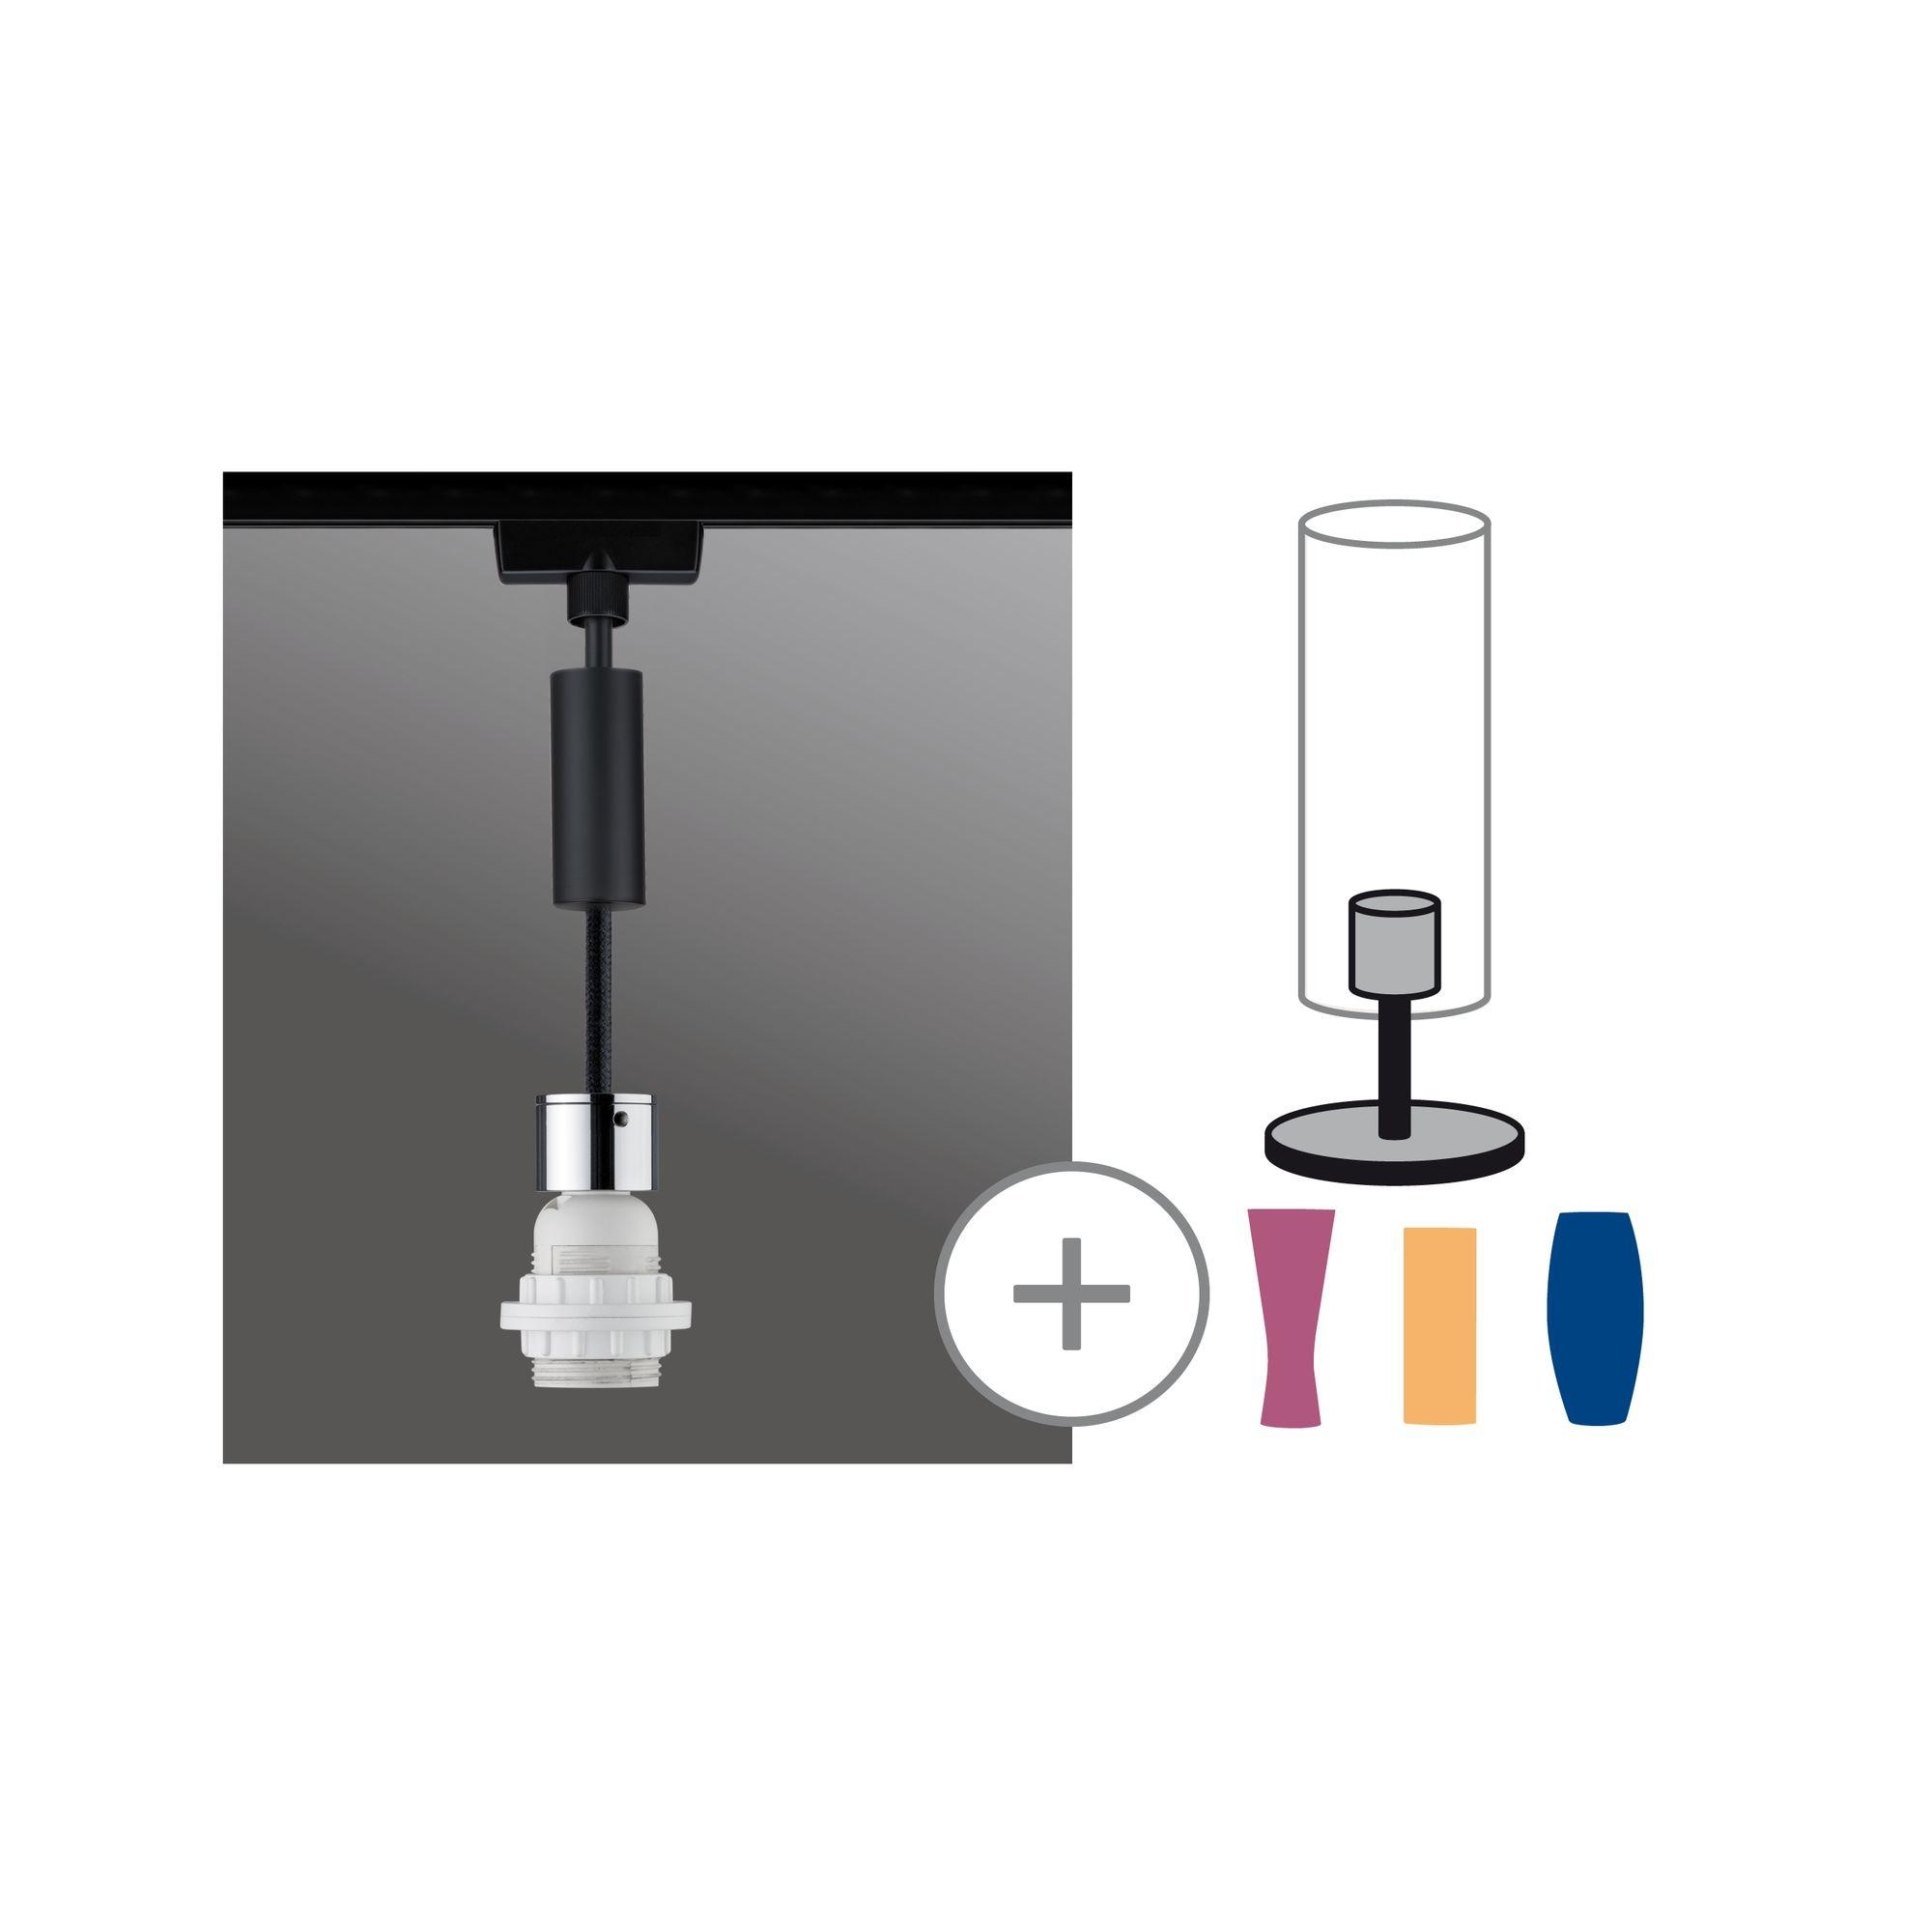 Paulmann URail 2Easy Basic Pendel max 20W E27 Schwarz matt/Chrom 230V Metall/Kunstst